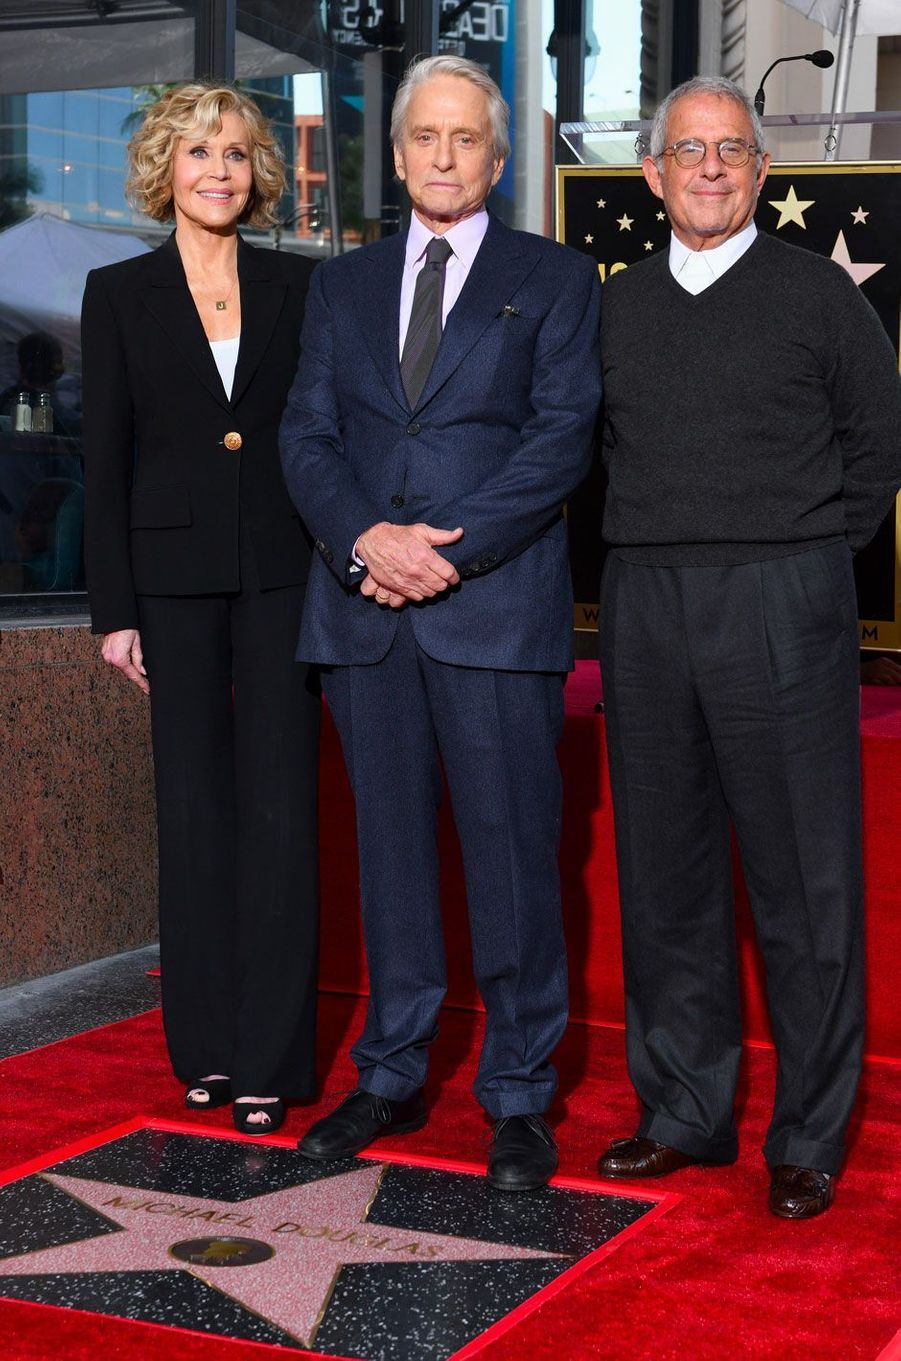 Michael Douglas avec Jane Fonda et Ron Meyer pour l'inauguration de son étoile sur Hollywood Boulevard le 6 novembre 2018